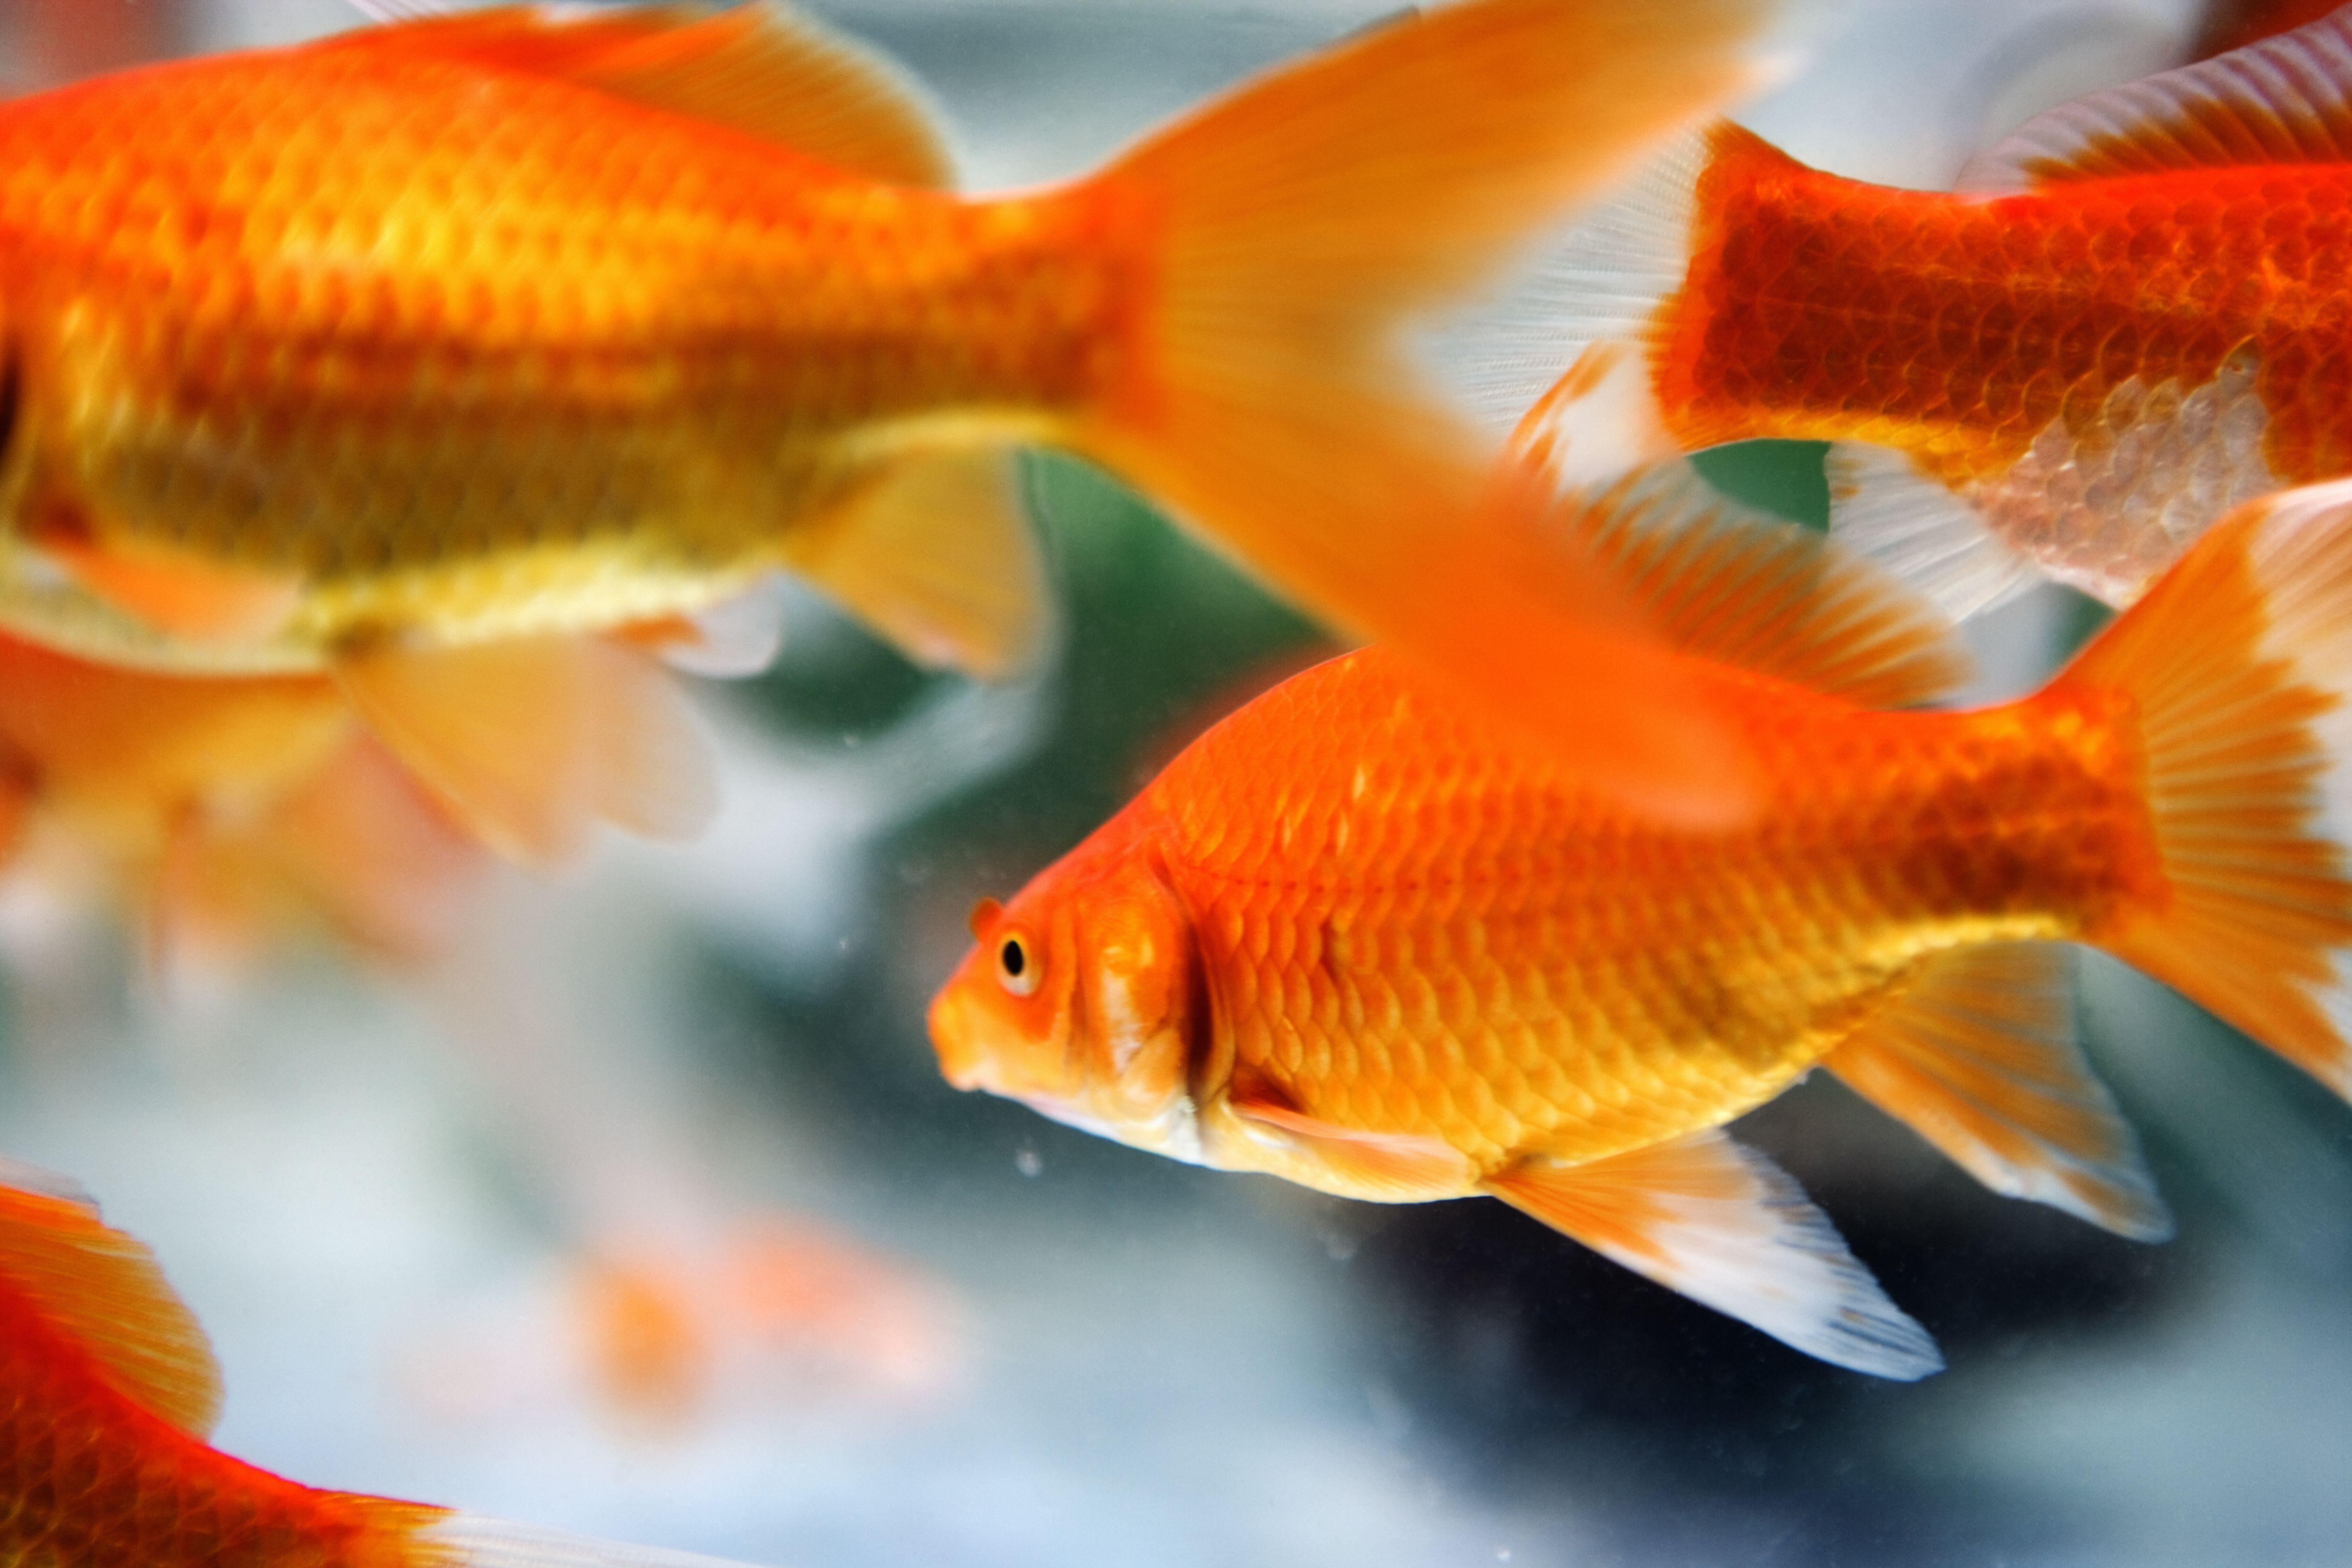 Goldfish swimming in an aquarium.